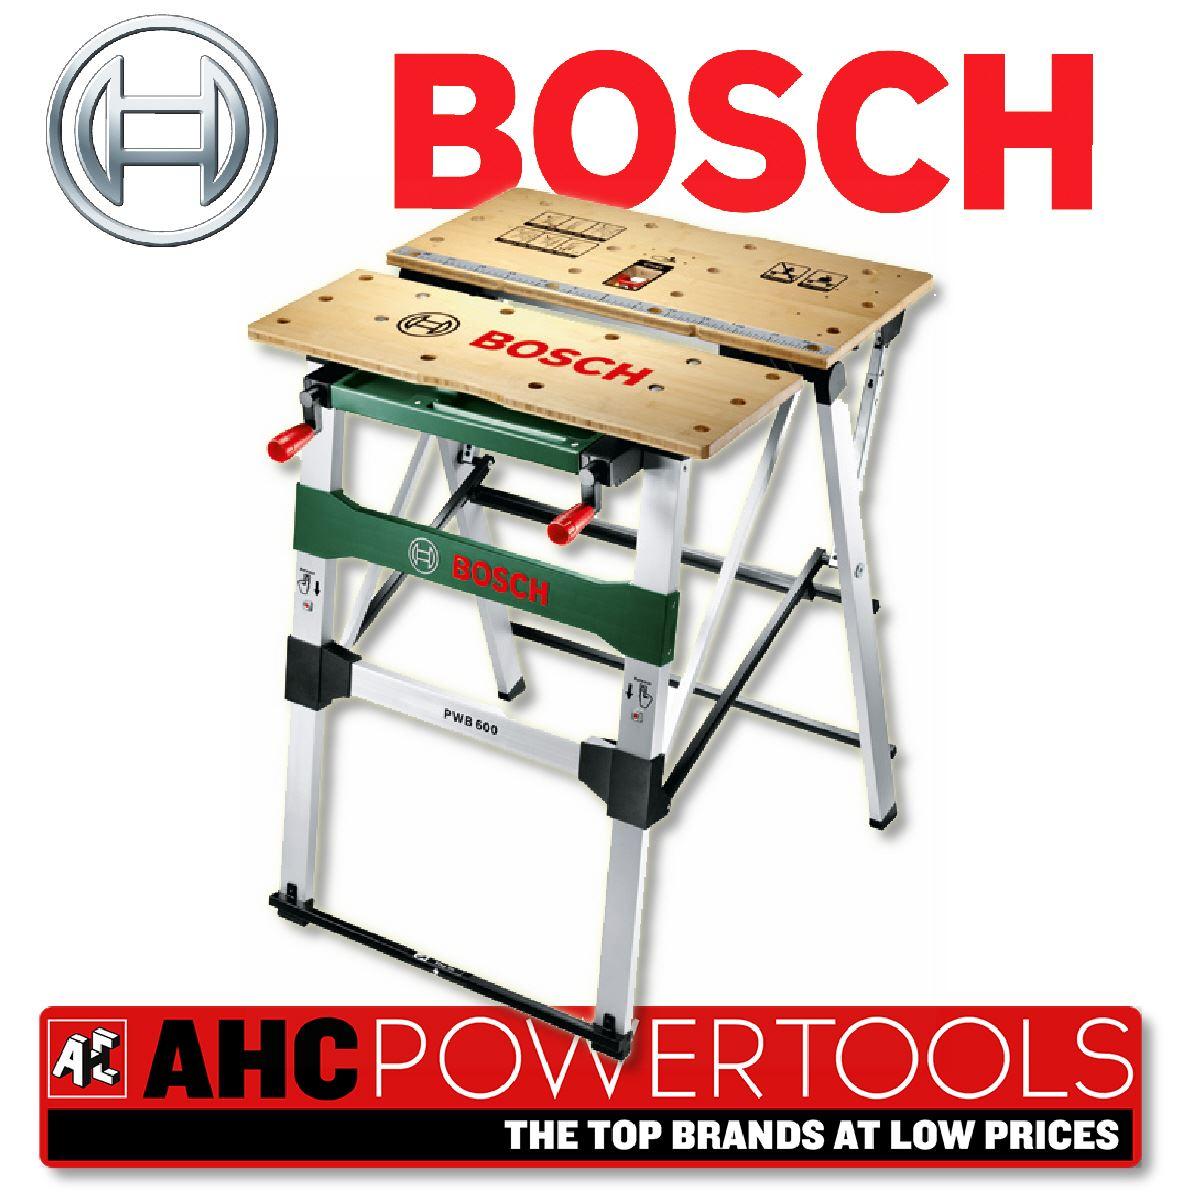 Workmate bosch